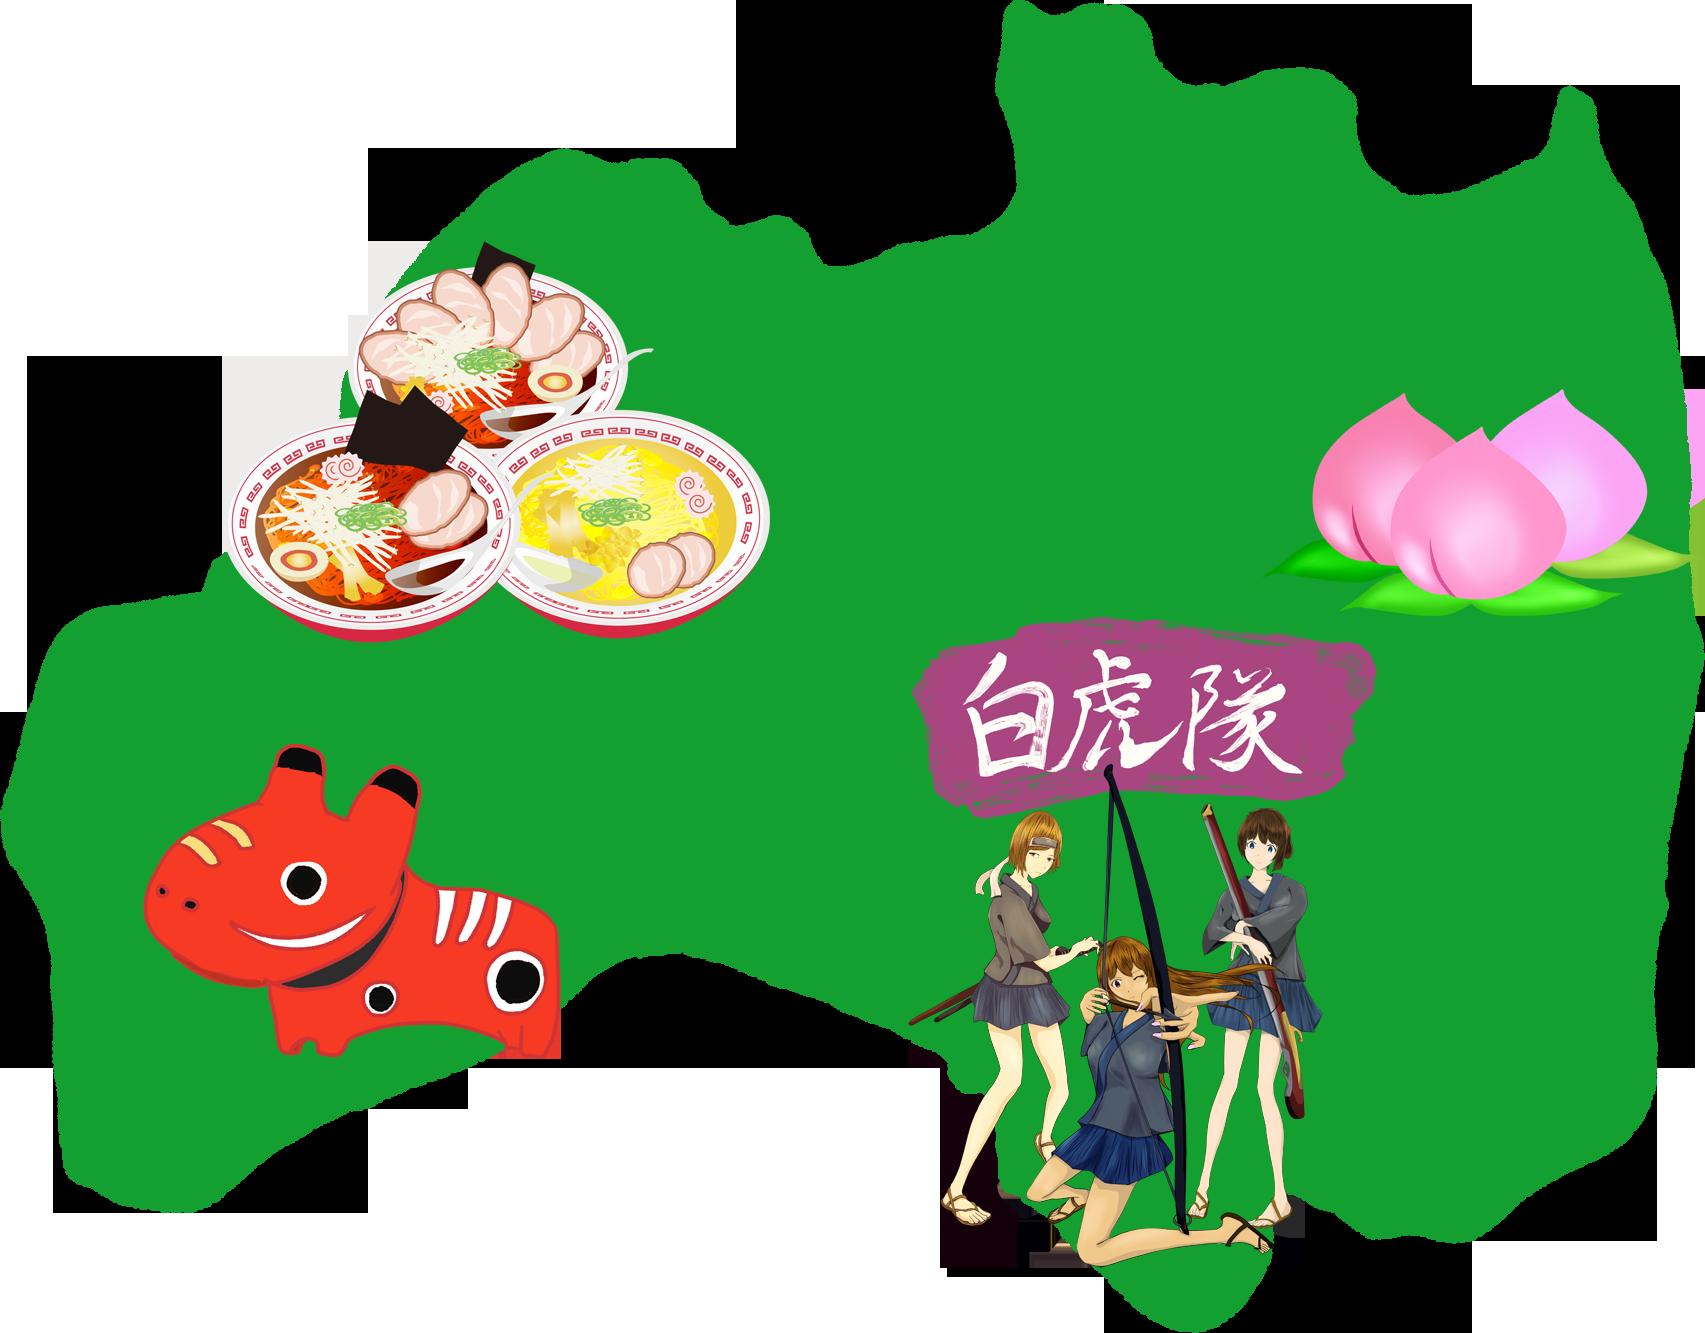 福島の挿絵イラスト